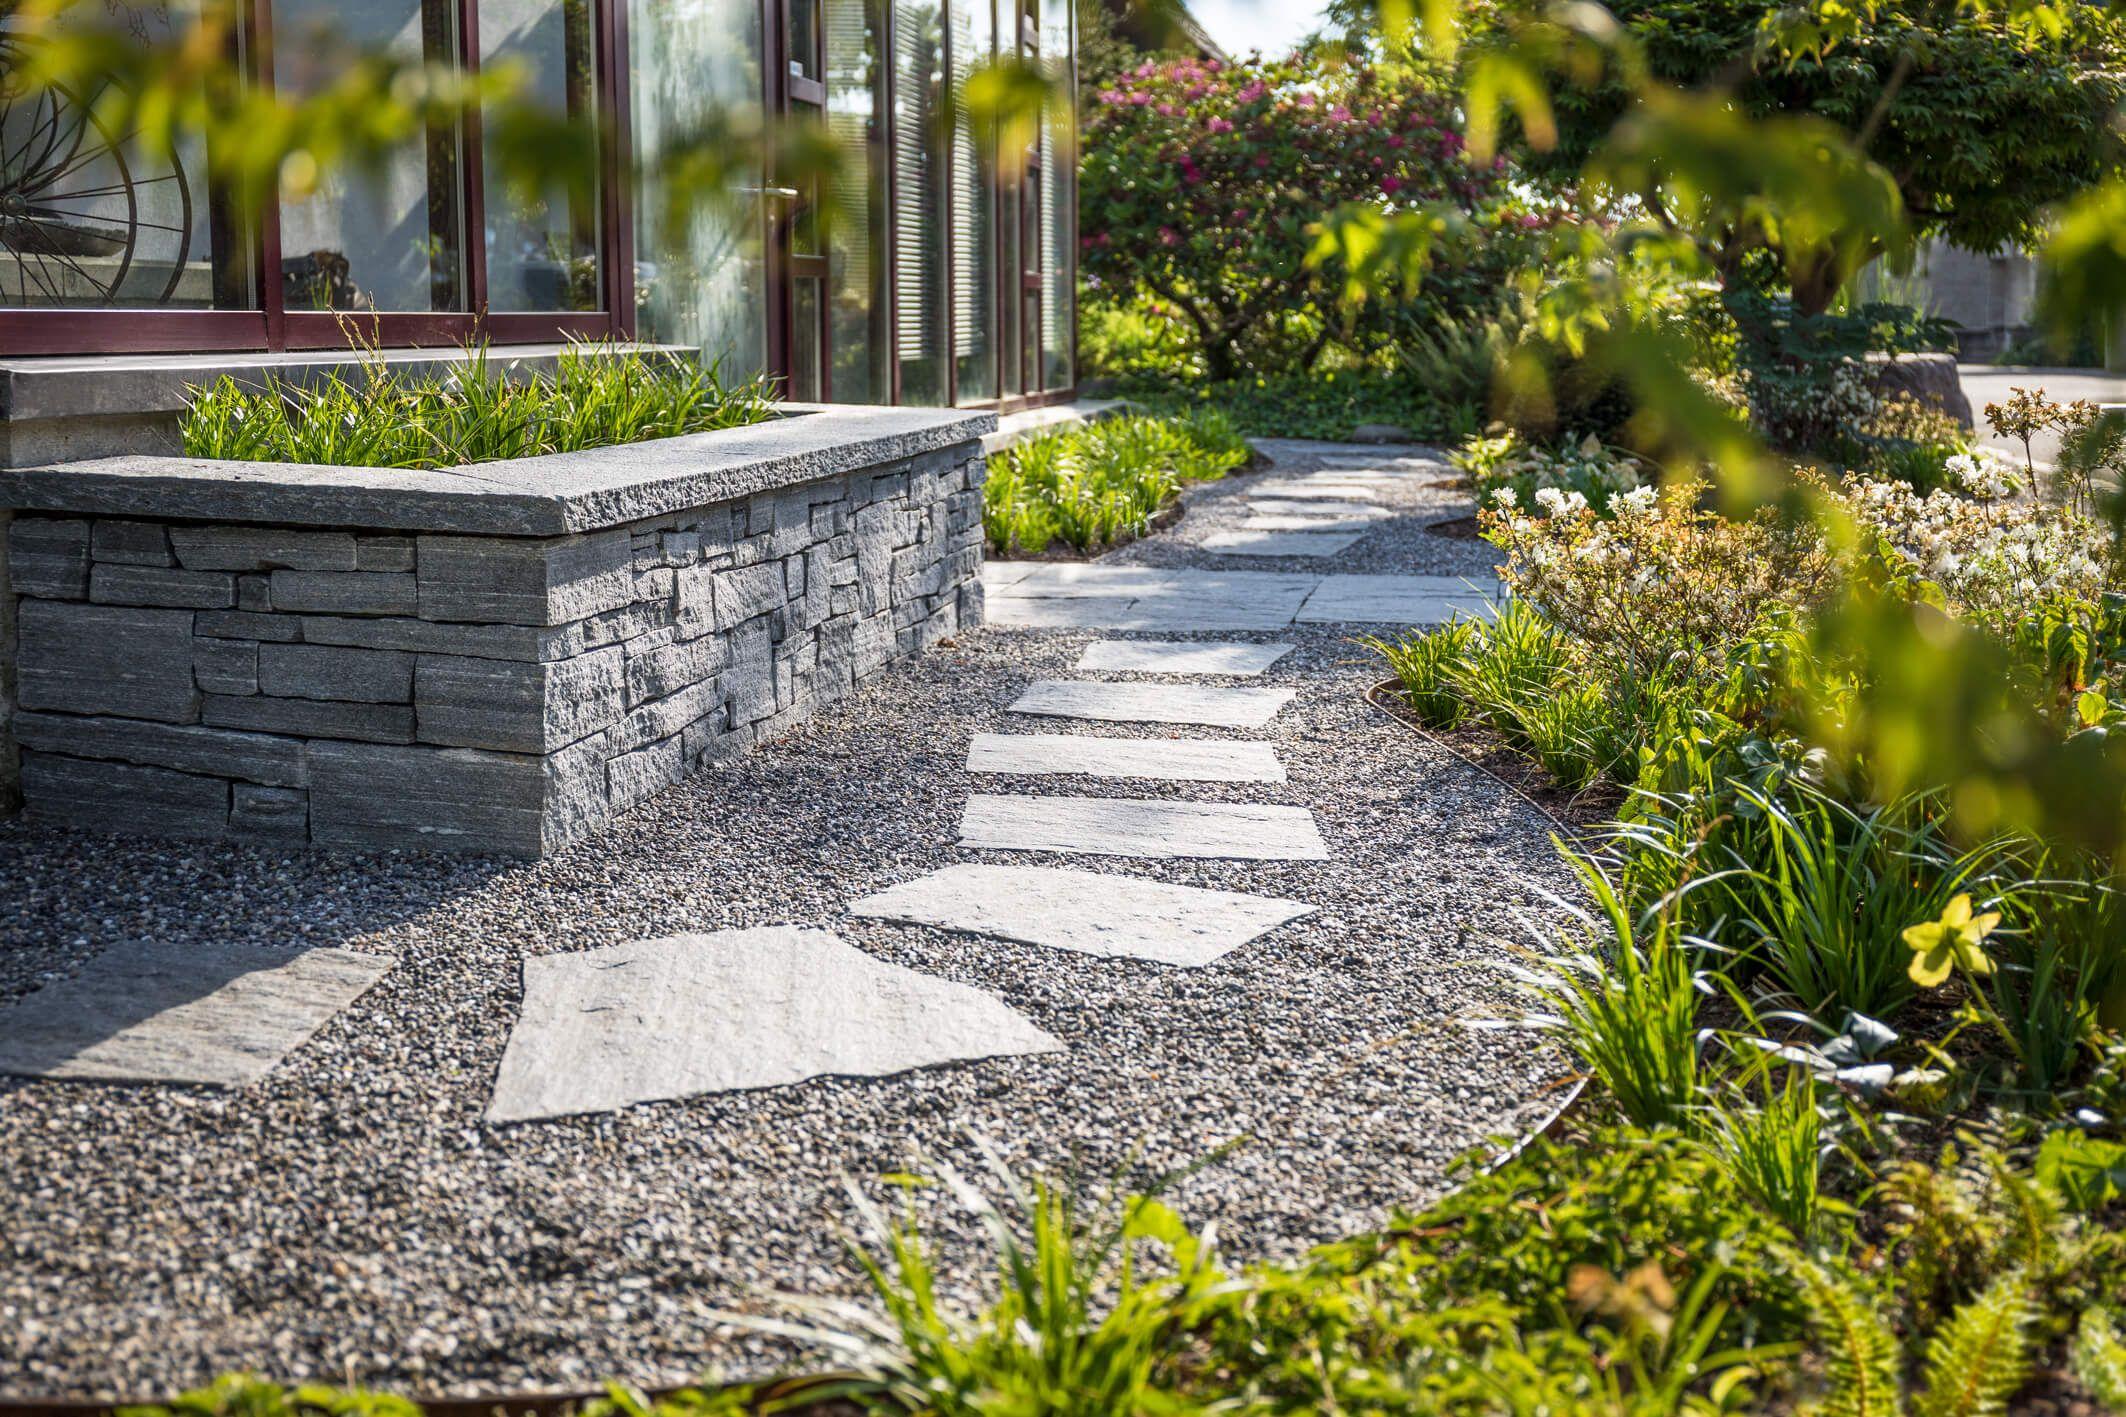 Schön Gartengestaltung Vorgarten Dekoration Von Asiatisch Angehauchter - Parc